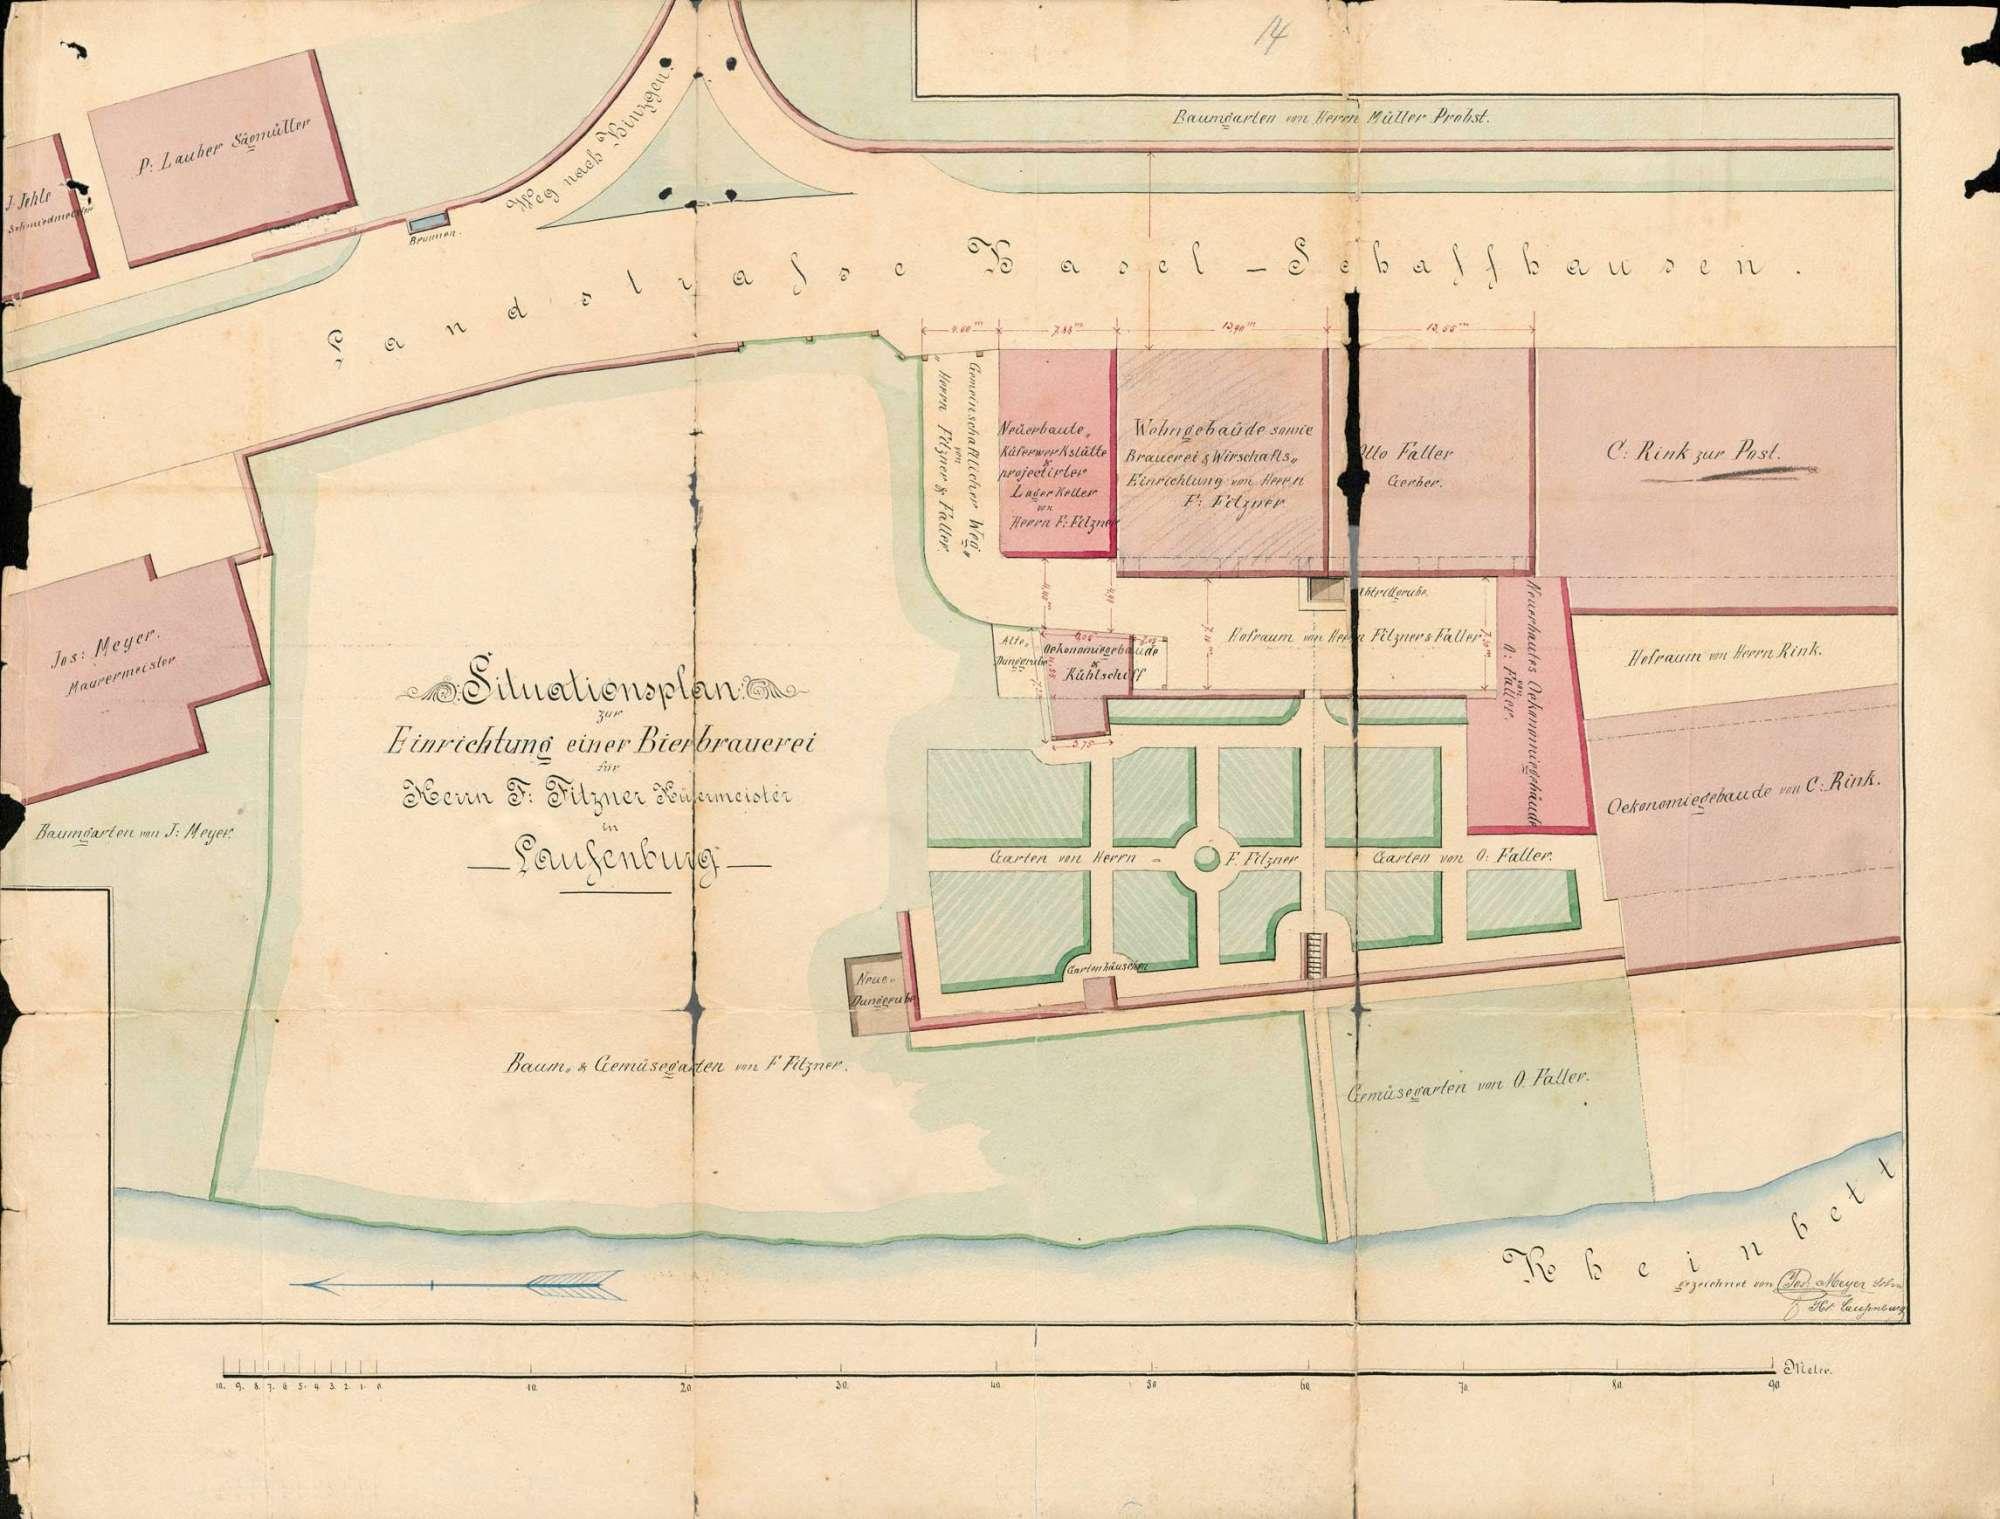 Konzessionierung und Betrieb der Schankwirtschaft Zur Brauerei Fitzner in Kleinlaufenburg bzw. Laufenburg (Baden), Bild 1